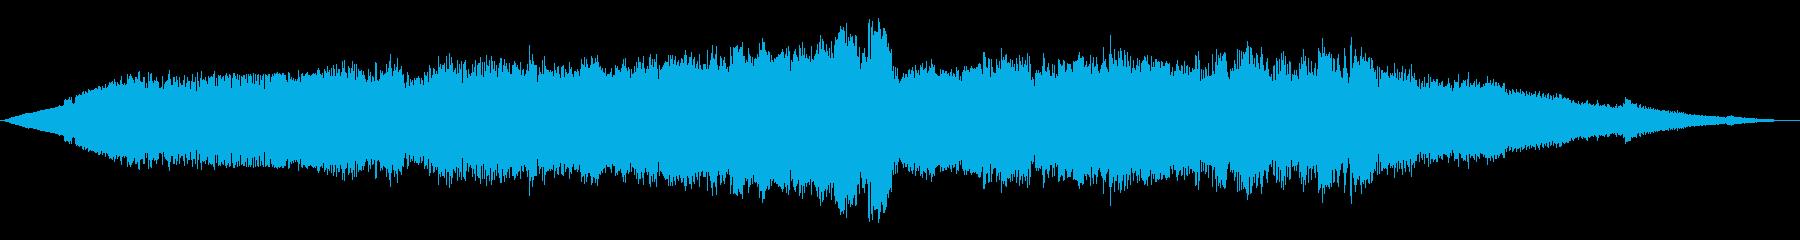 ワープフィールド1の再生済みの波形